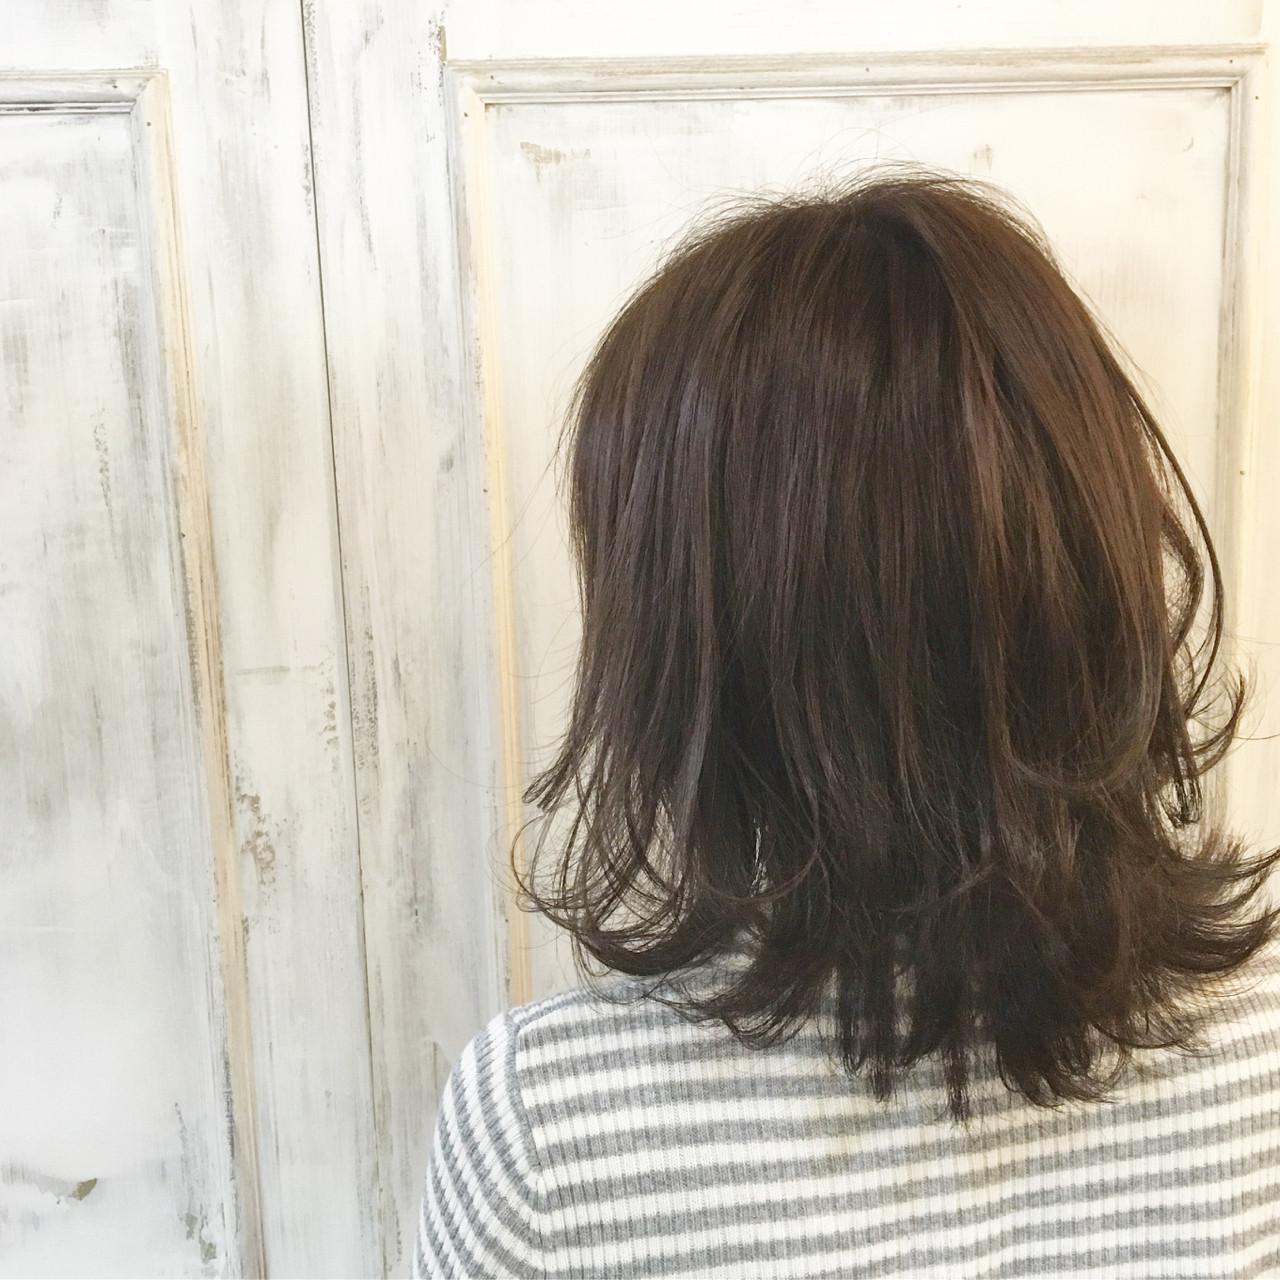 ニュアンス ミディアム ワンカール 外ハネ ヘアスタイルや髪型の写真・画像